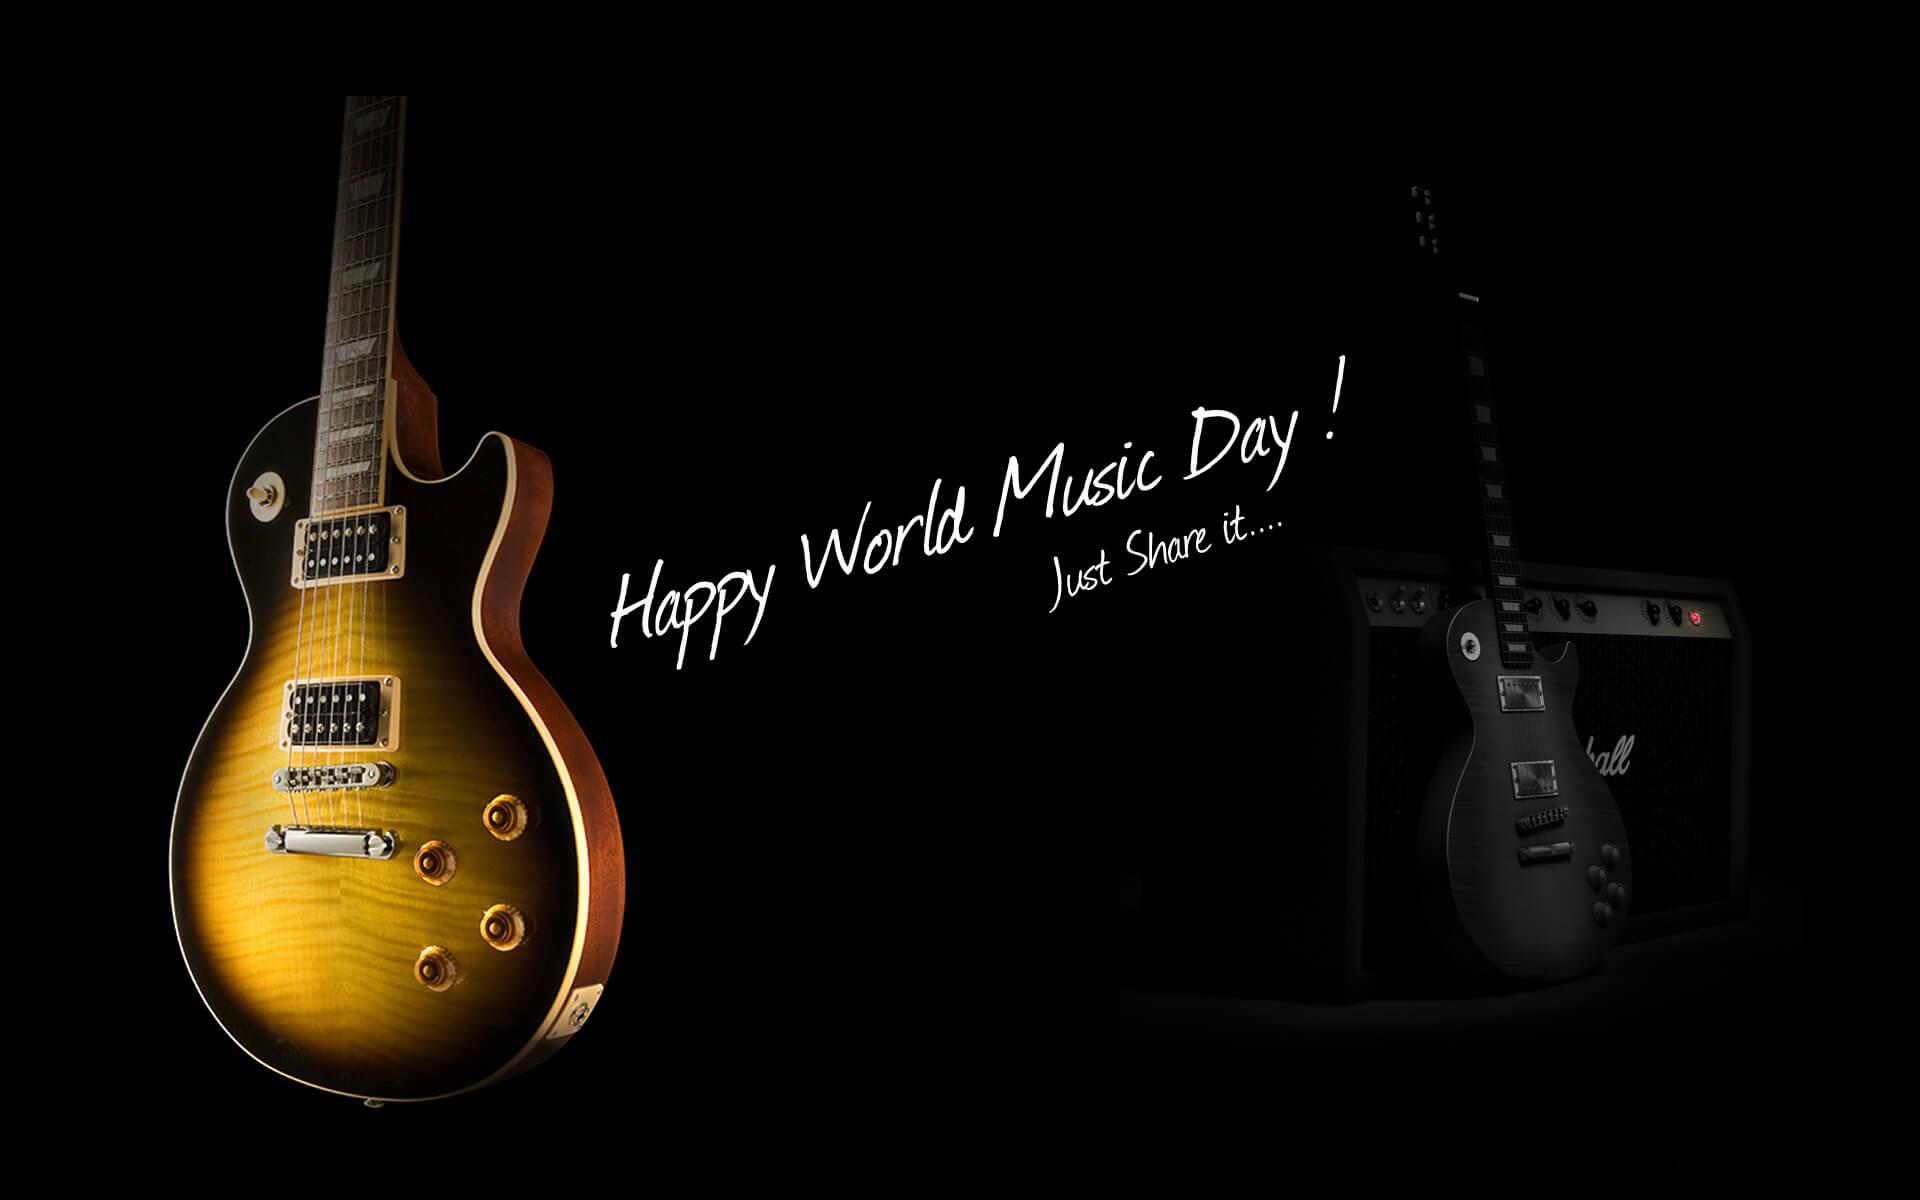 world music day guitar wallpaper